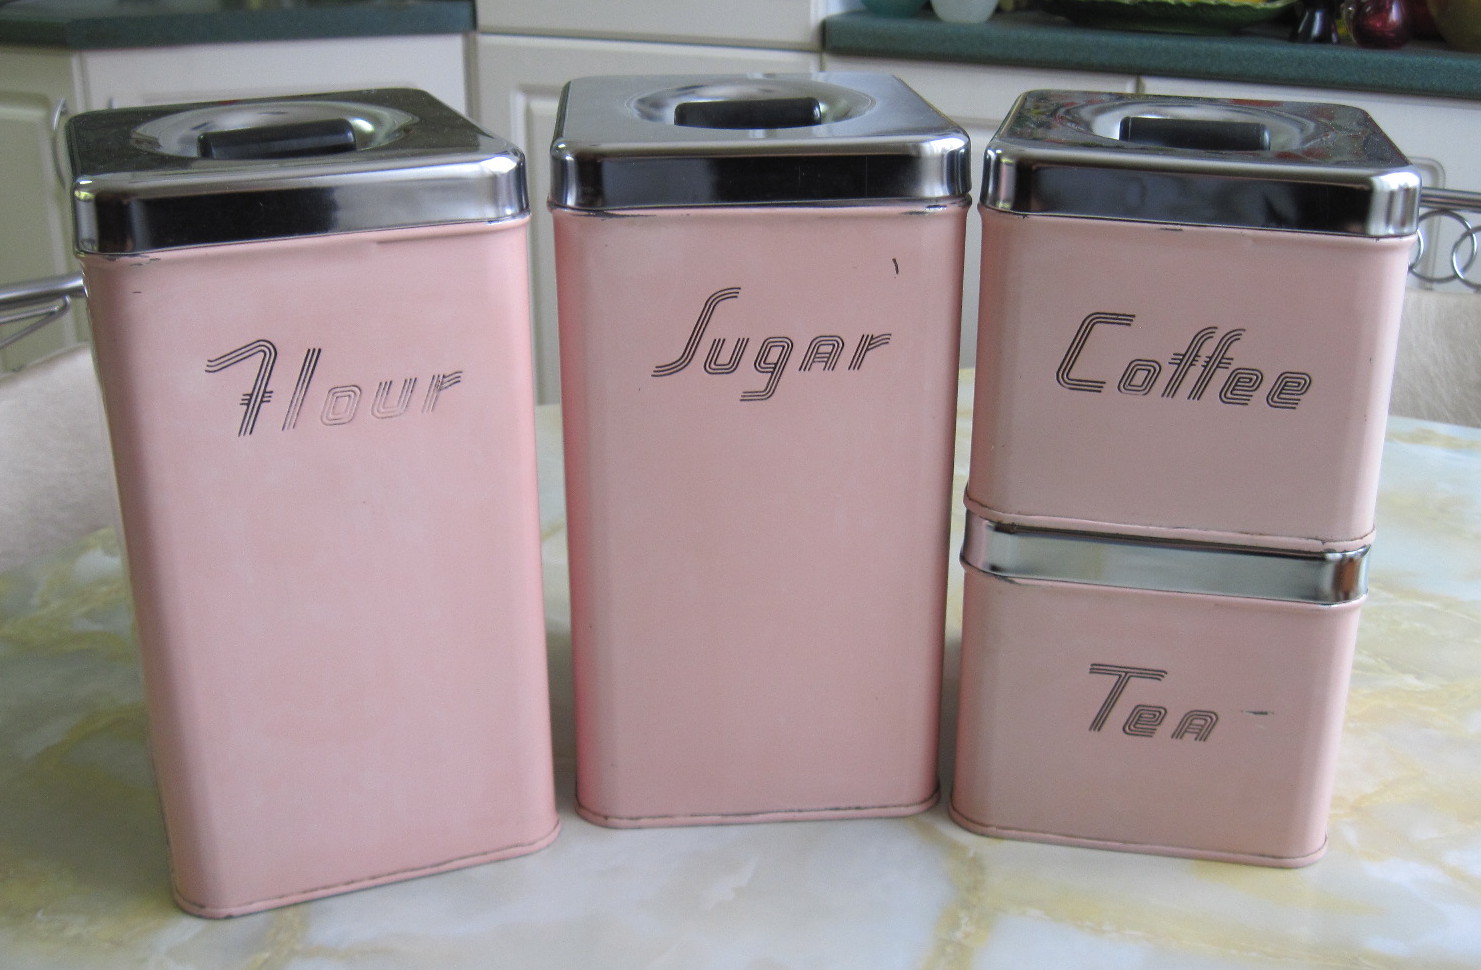 pink kitchen canister set ca 1950 s fabfindsblog pink vintage kitchen canister set lustroware 163 27 00